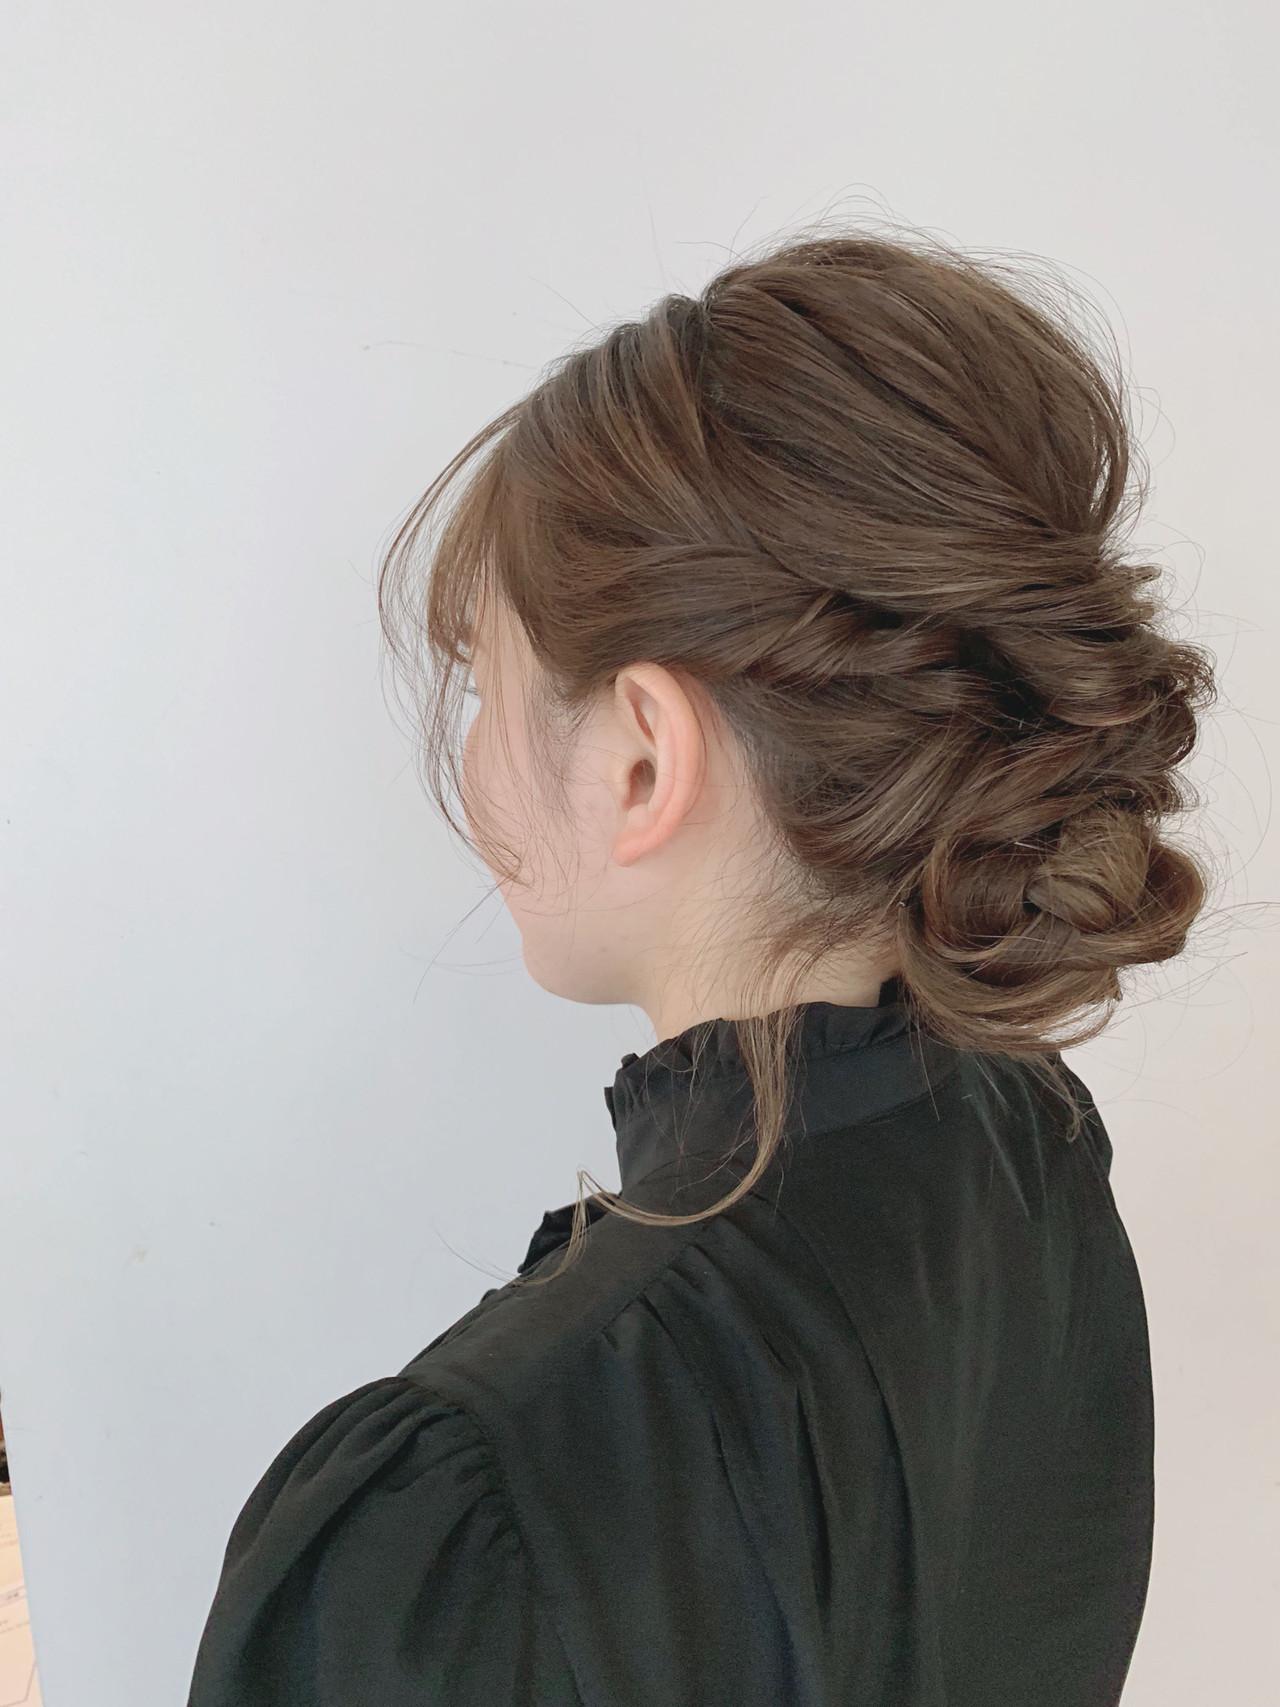 成人式 ヘアアレンジ 簡単ヘアアレンジ 結婚式 ヘアスタイルや髪型の写真・画像 | WAKA / CARE 梅田